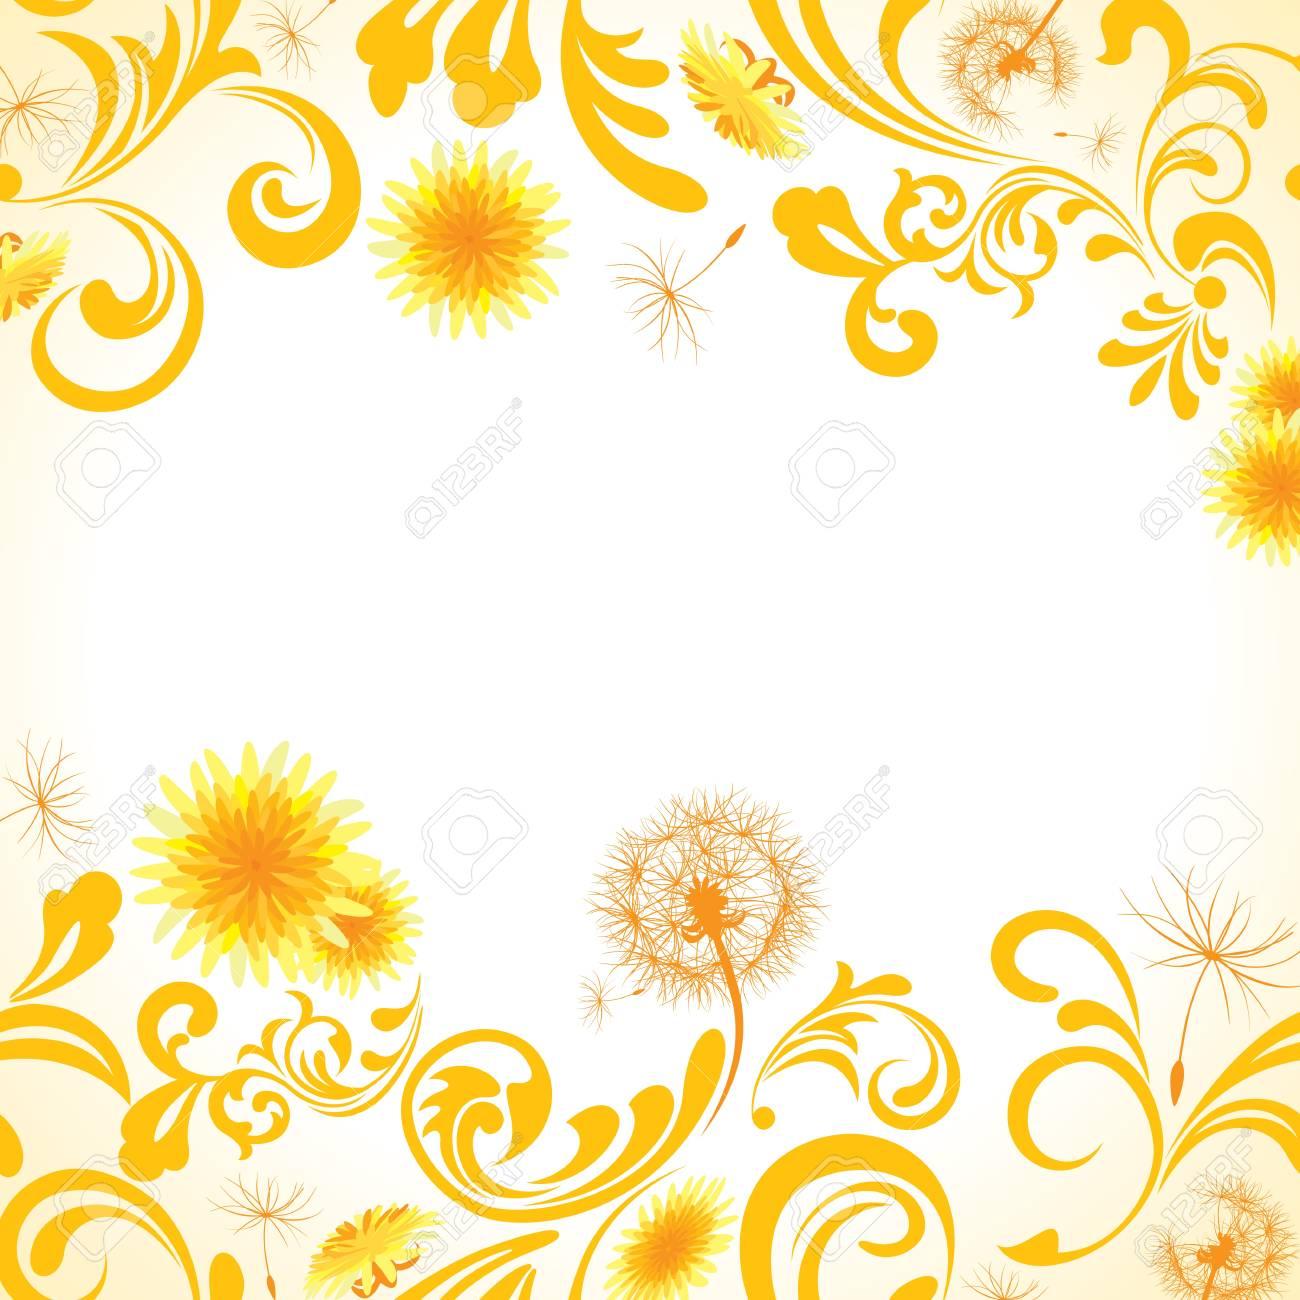 Dandelion frame  Illustration vector Stock Vector - 12681032